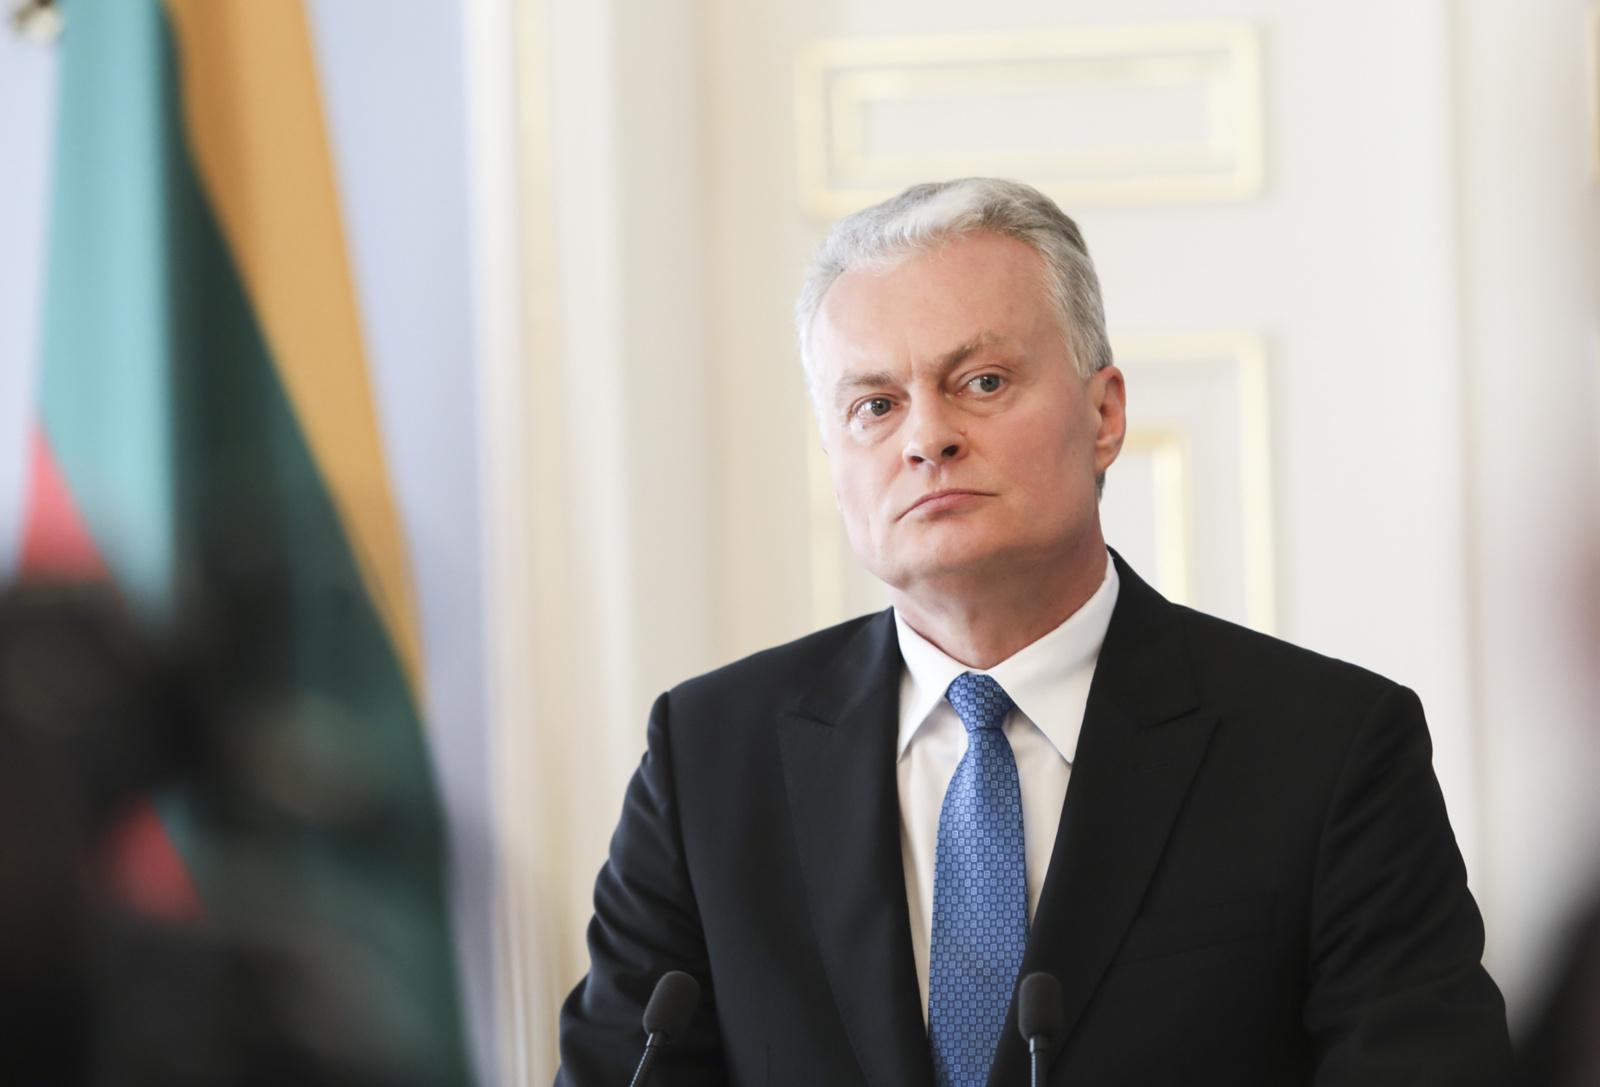 Gitanas Nausėda kreipėsi į Tautą: Lietuva gali tapti sėkmingos kovos su virusu pavyzdžiu (vaizdo įrašas)